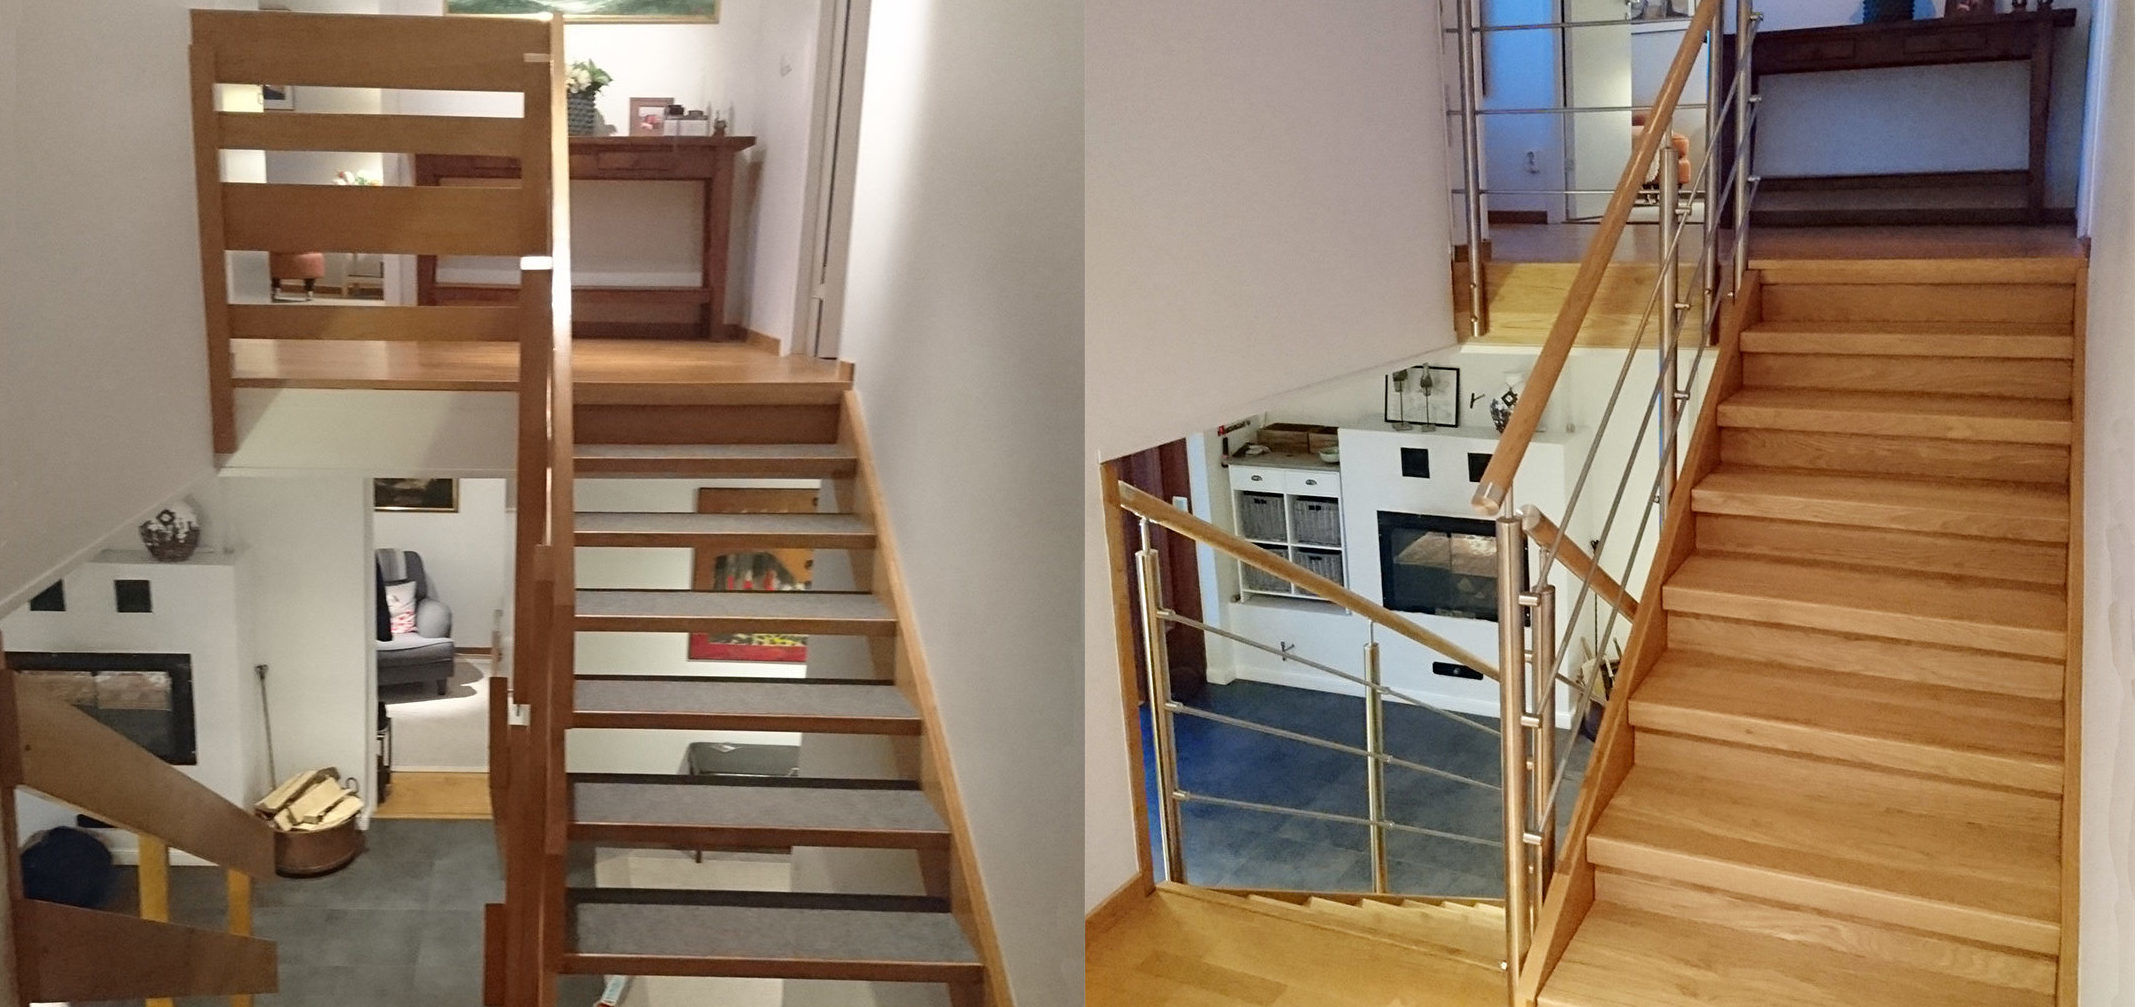 Renovera trappa | Trappspecialisterna